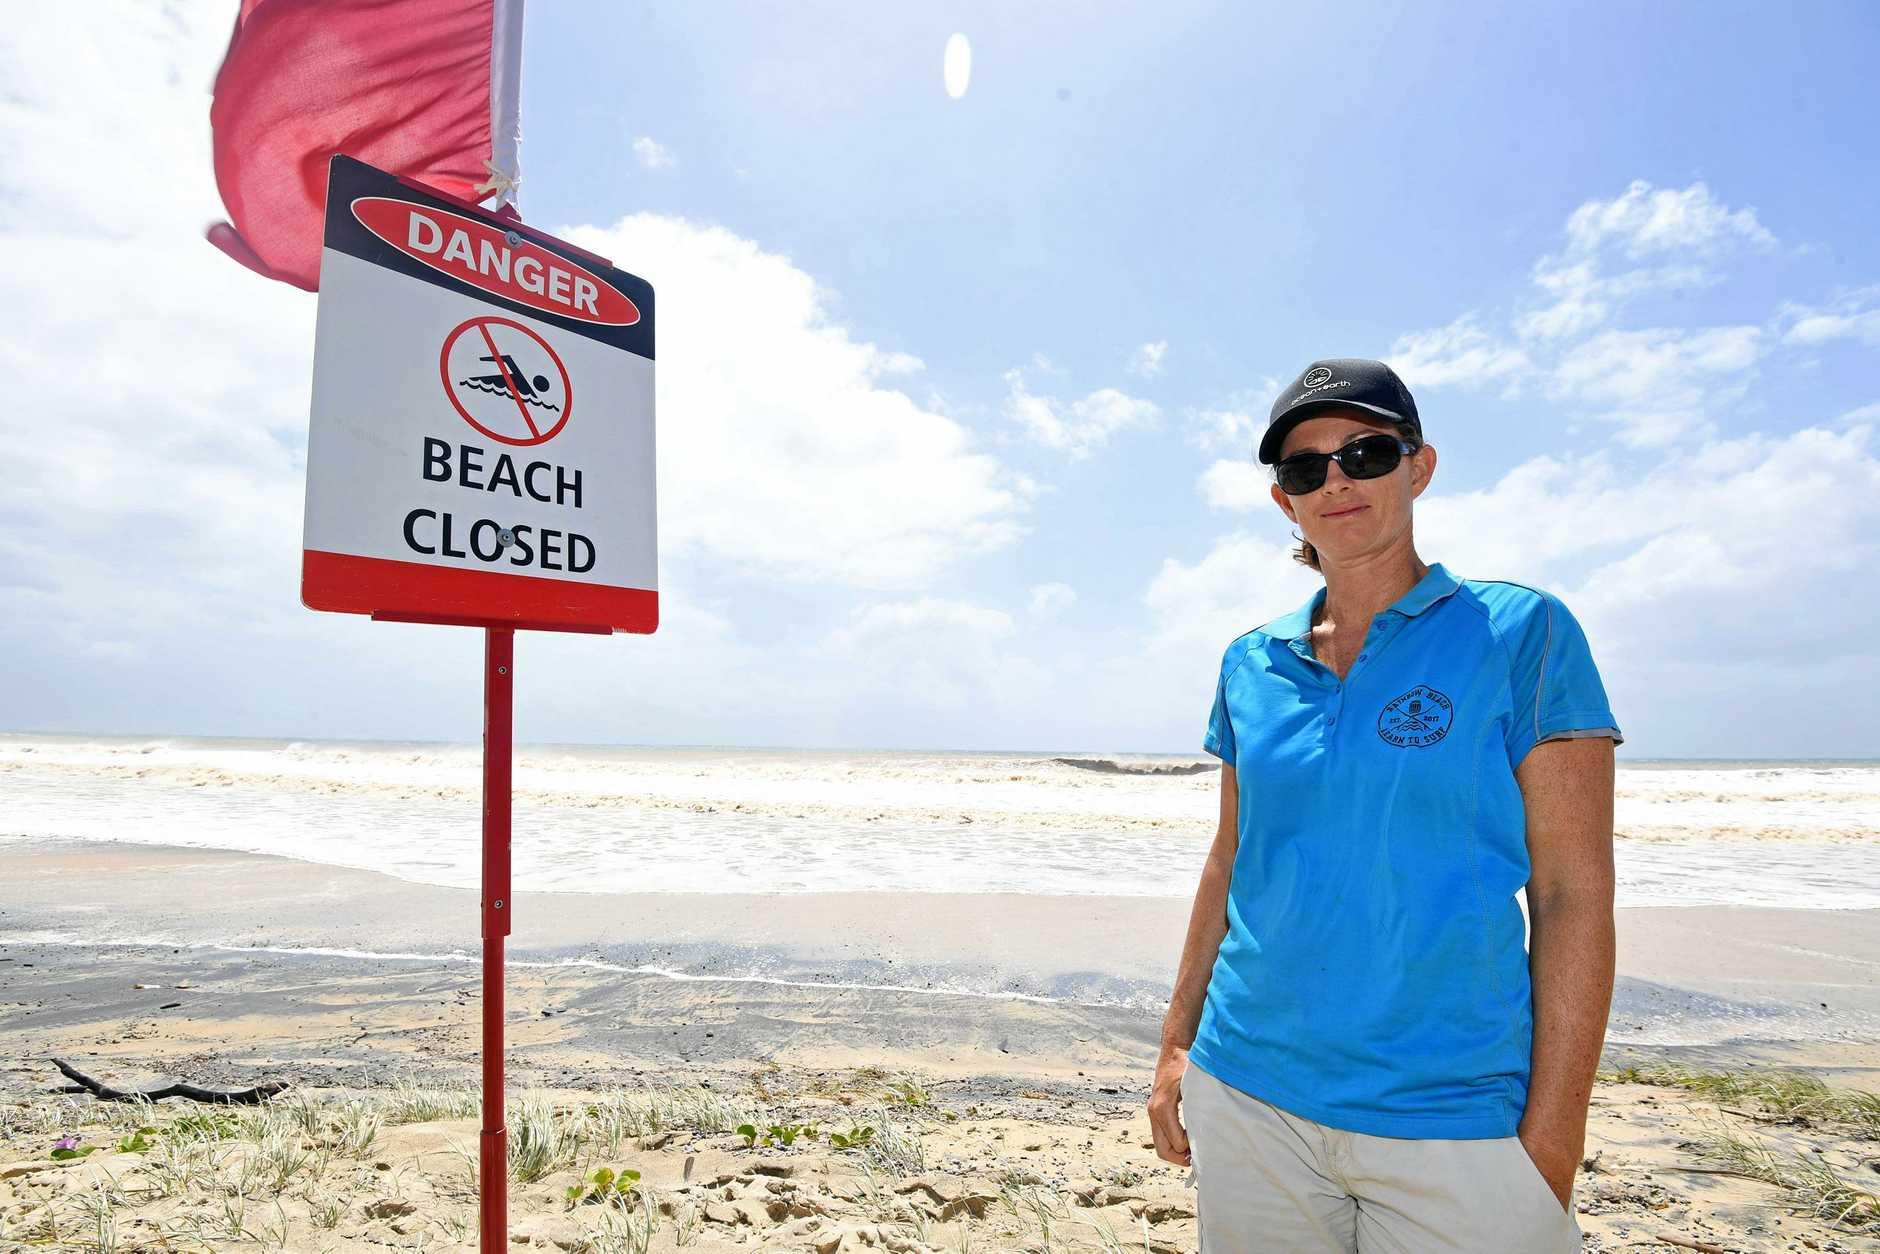 Rainbow beach Learn To Surf  - Sarah Booth